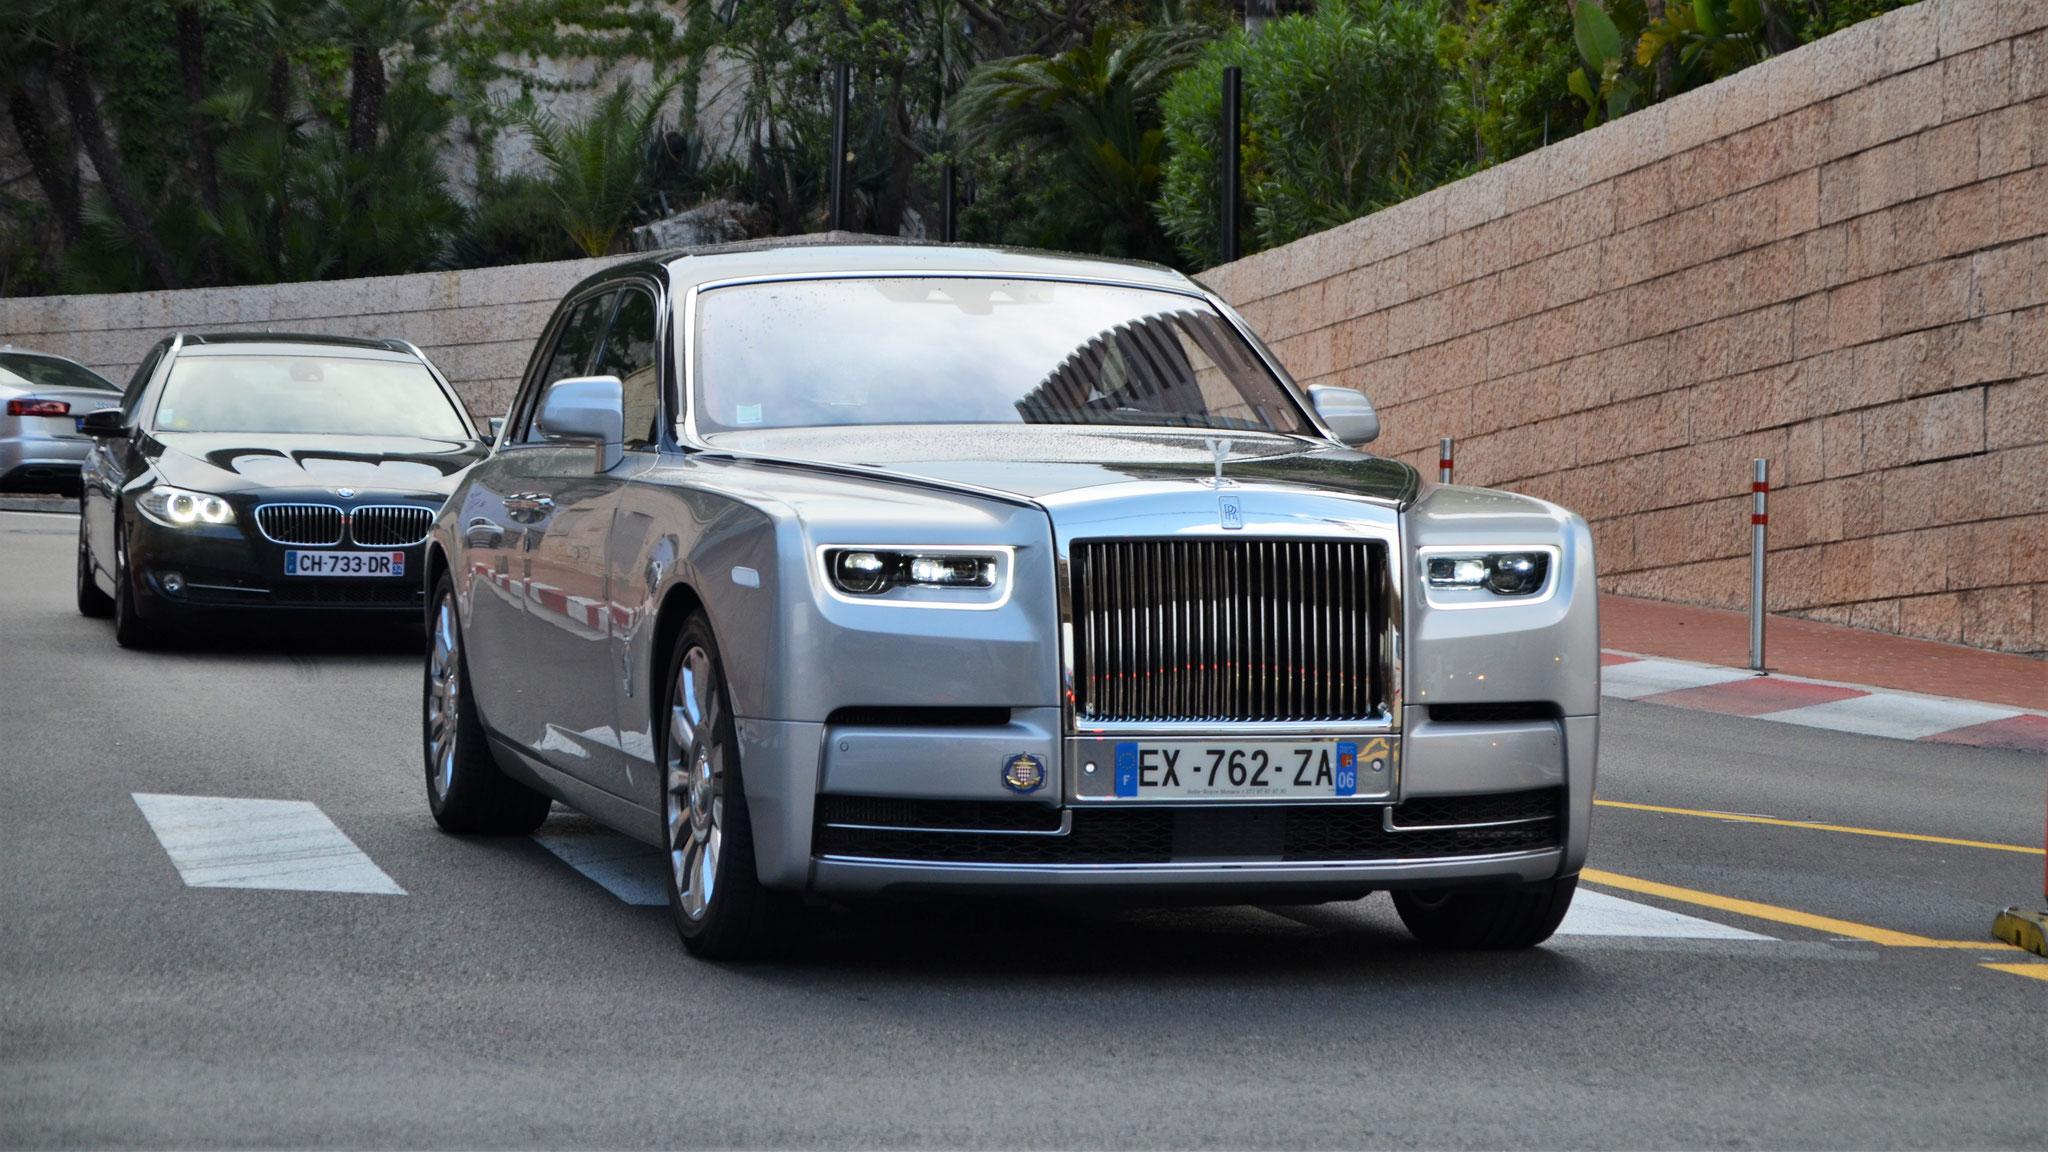 Rolls Royce Phantom - EX-762-ZA-06 (FRA)